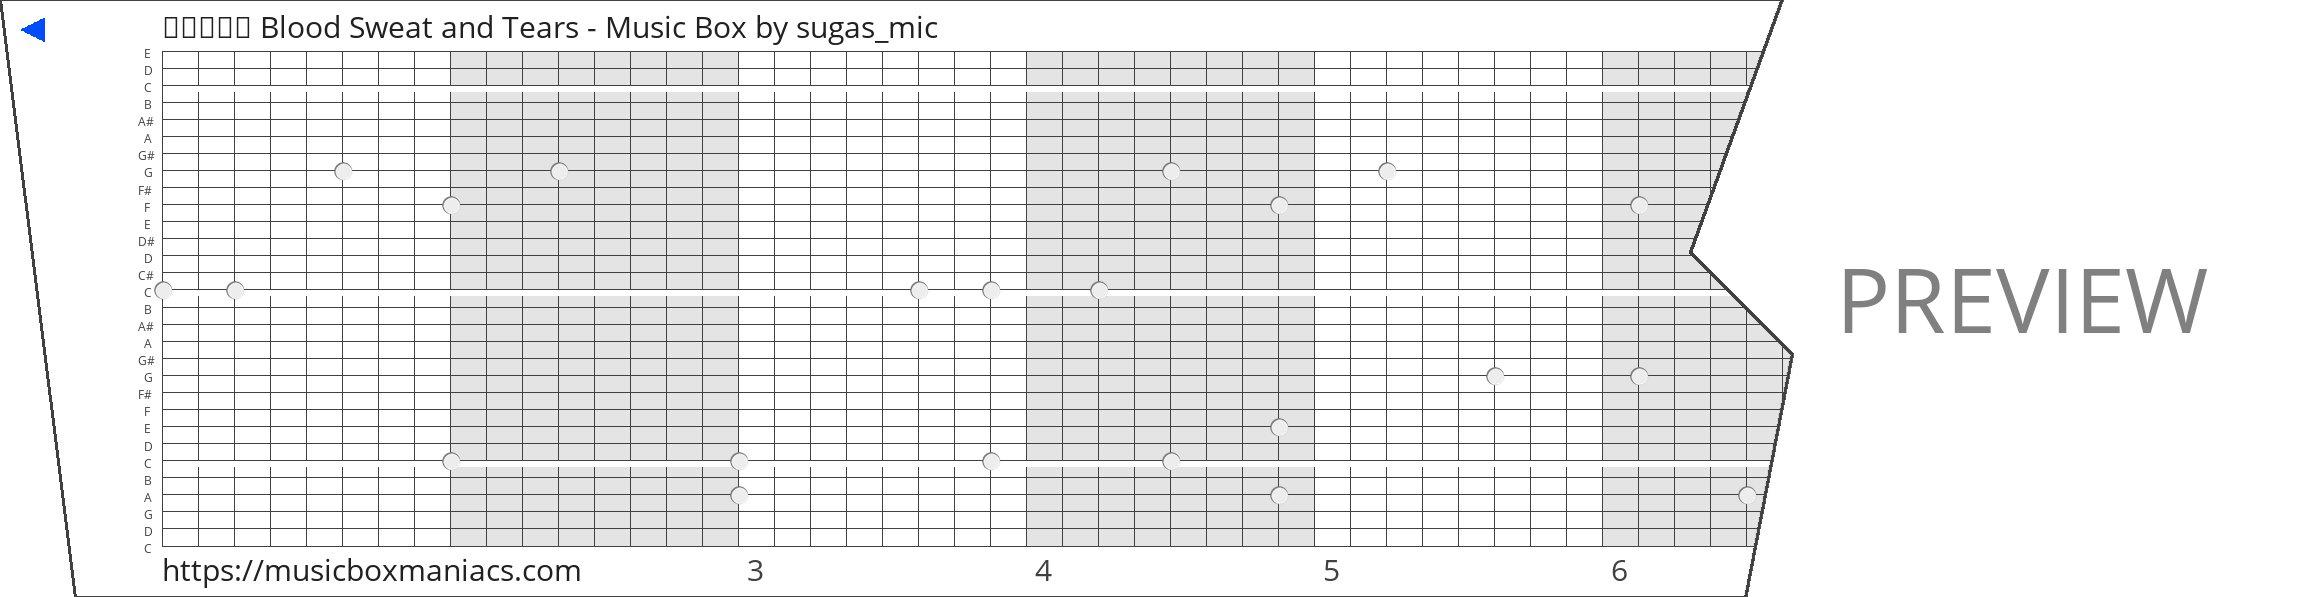 방탄소년단 Blood Sweat and Tears - Music Box 30 note music box paper strip